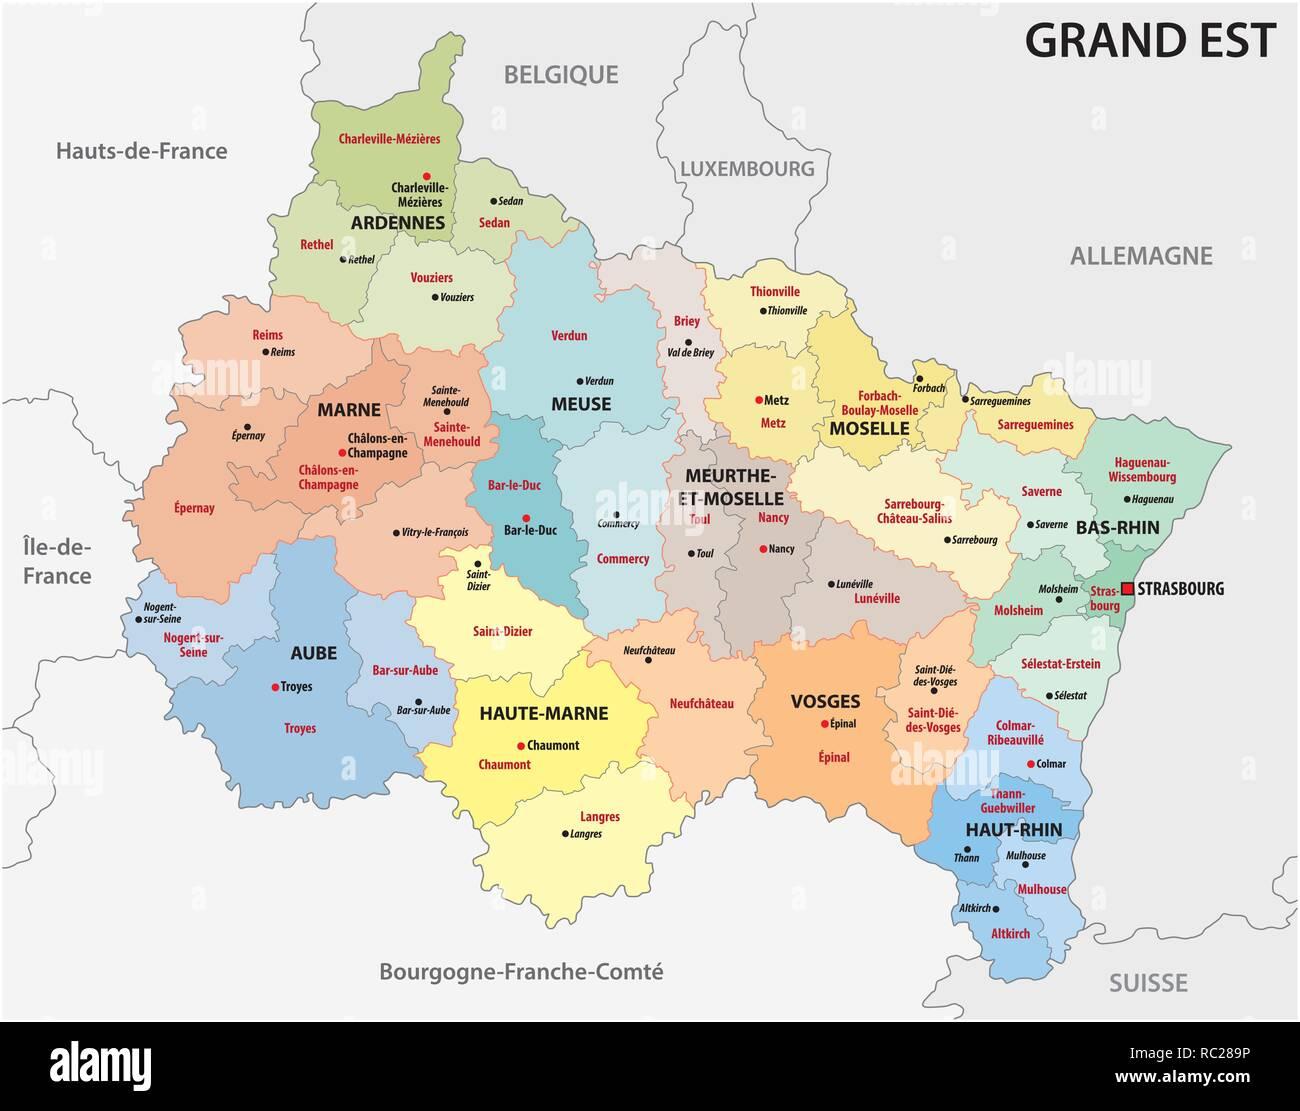 Regioni Francia Cartina.Mappa Amministrativa Della Nuova Regione Francese Grand Est Immagine E Vettoriale Alamy